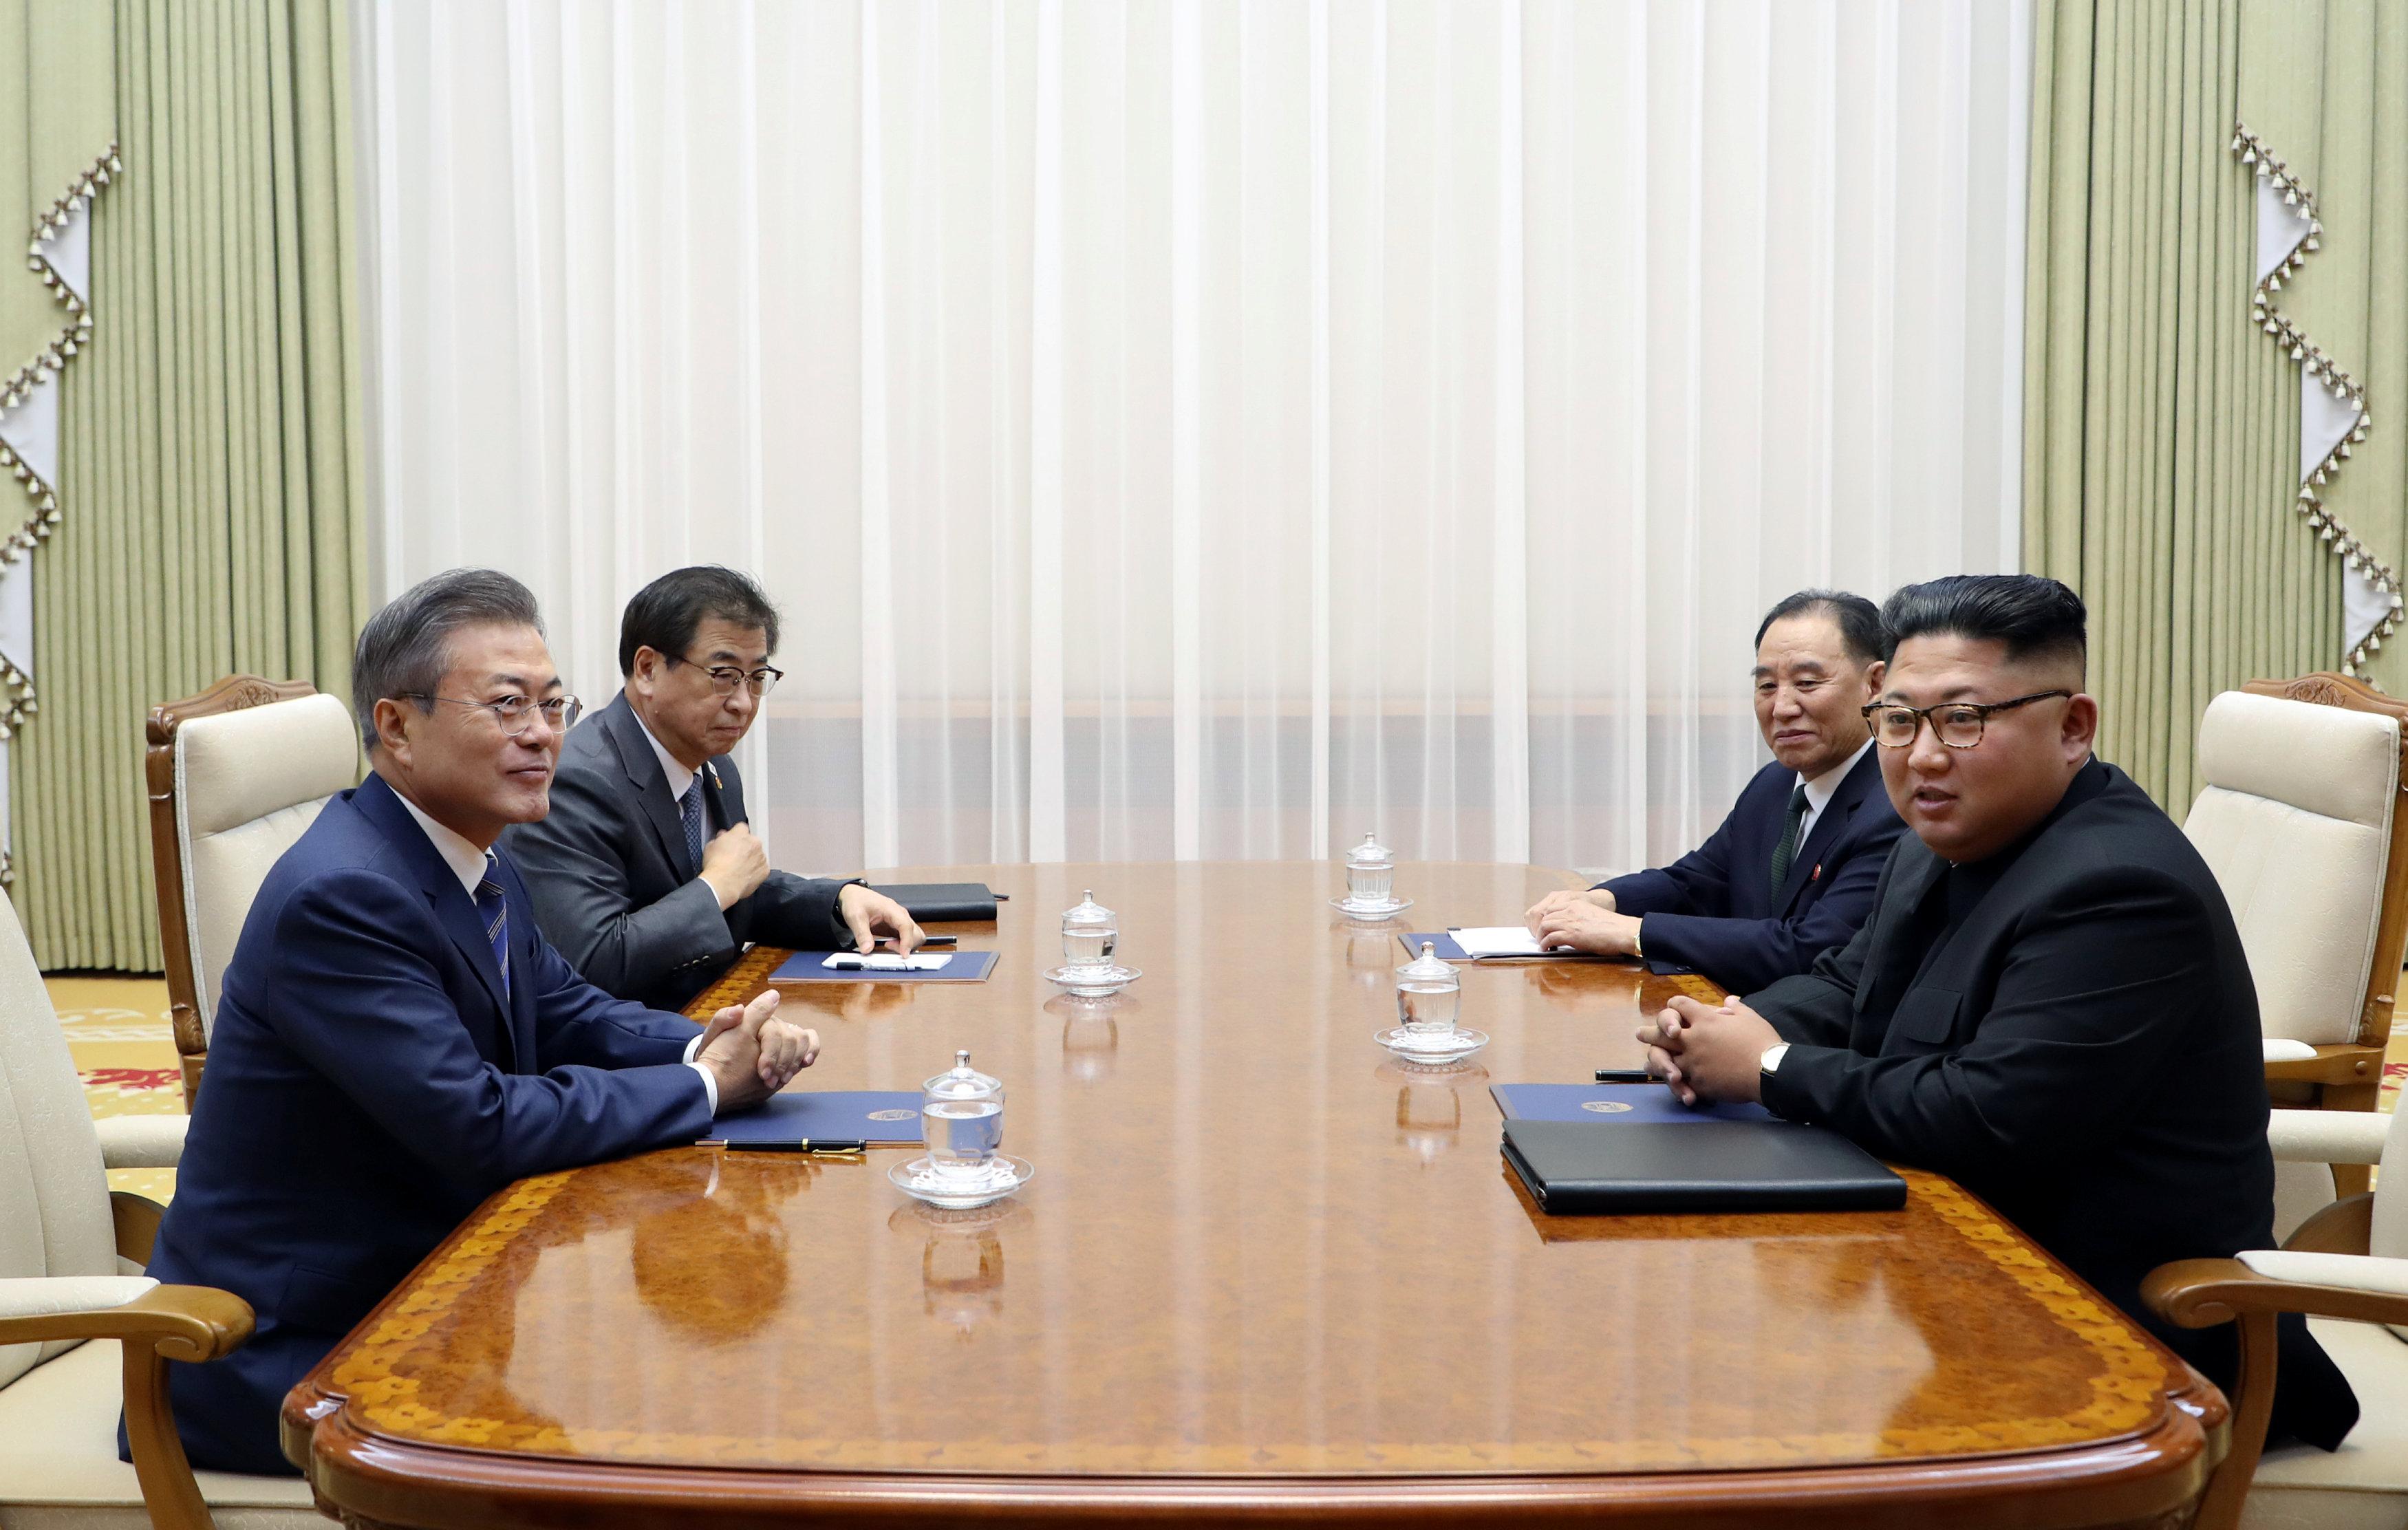 أثناء محادثات بين كيم ومون فى بيونج يانج